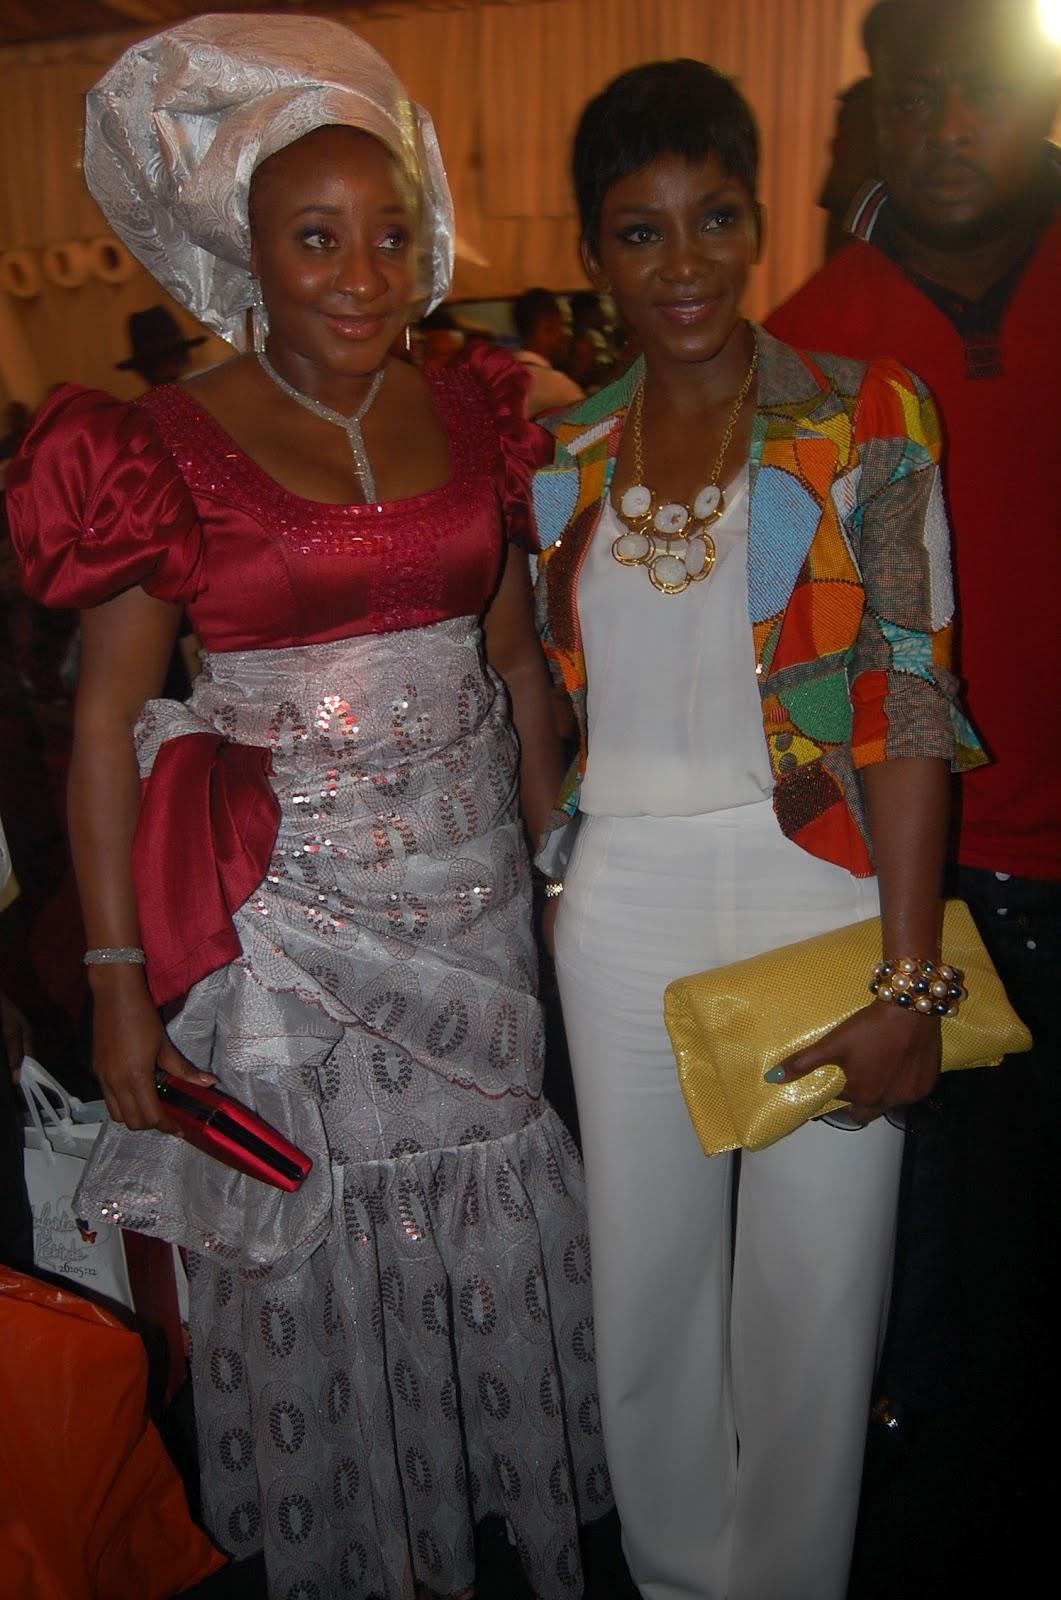 Ini Edo In Aso Ebi With Genevieve Nnaji At The Wedding Of Funke Akindele To Kenny Almaroof Today Lagos